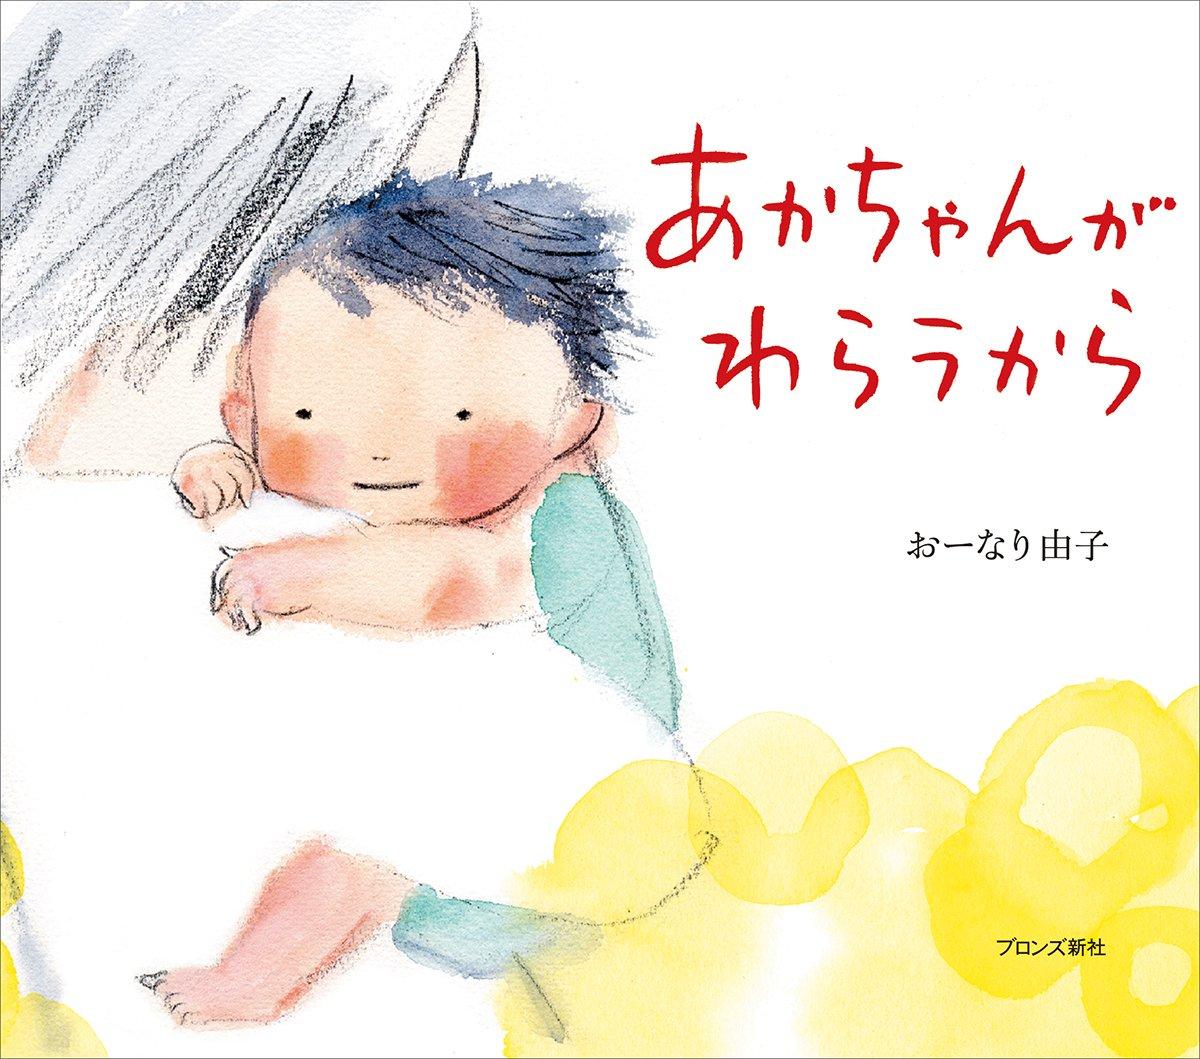 お疲れ気味のママ友に贈りたい!「ママを救う名言」とママ絵本